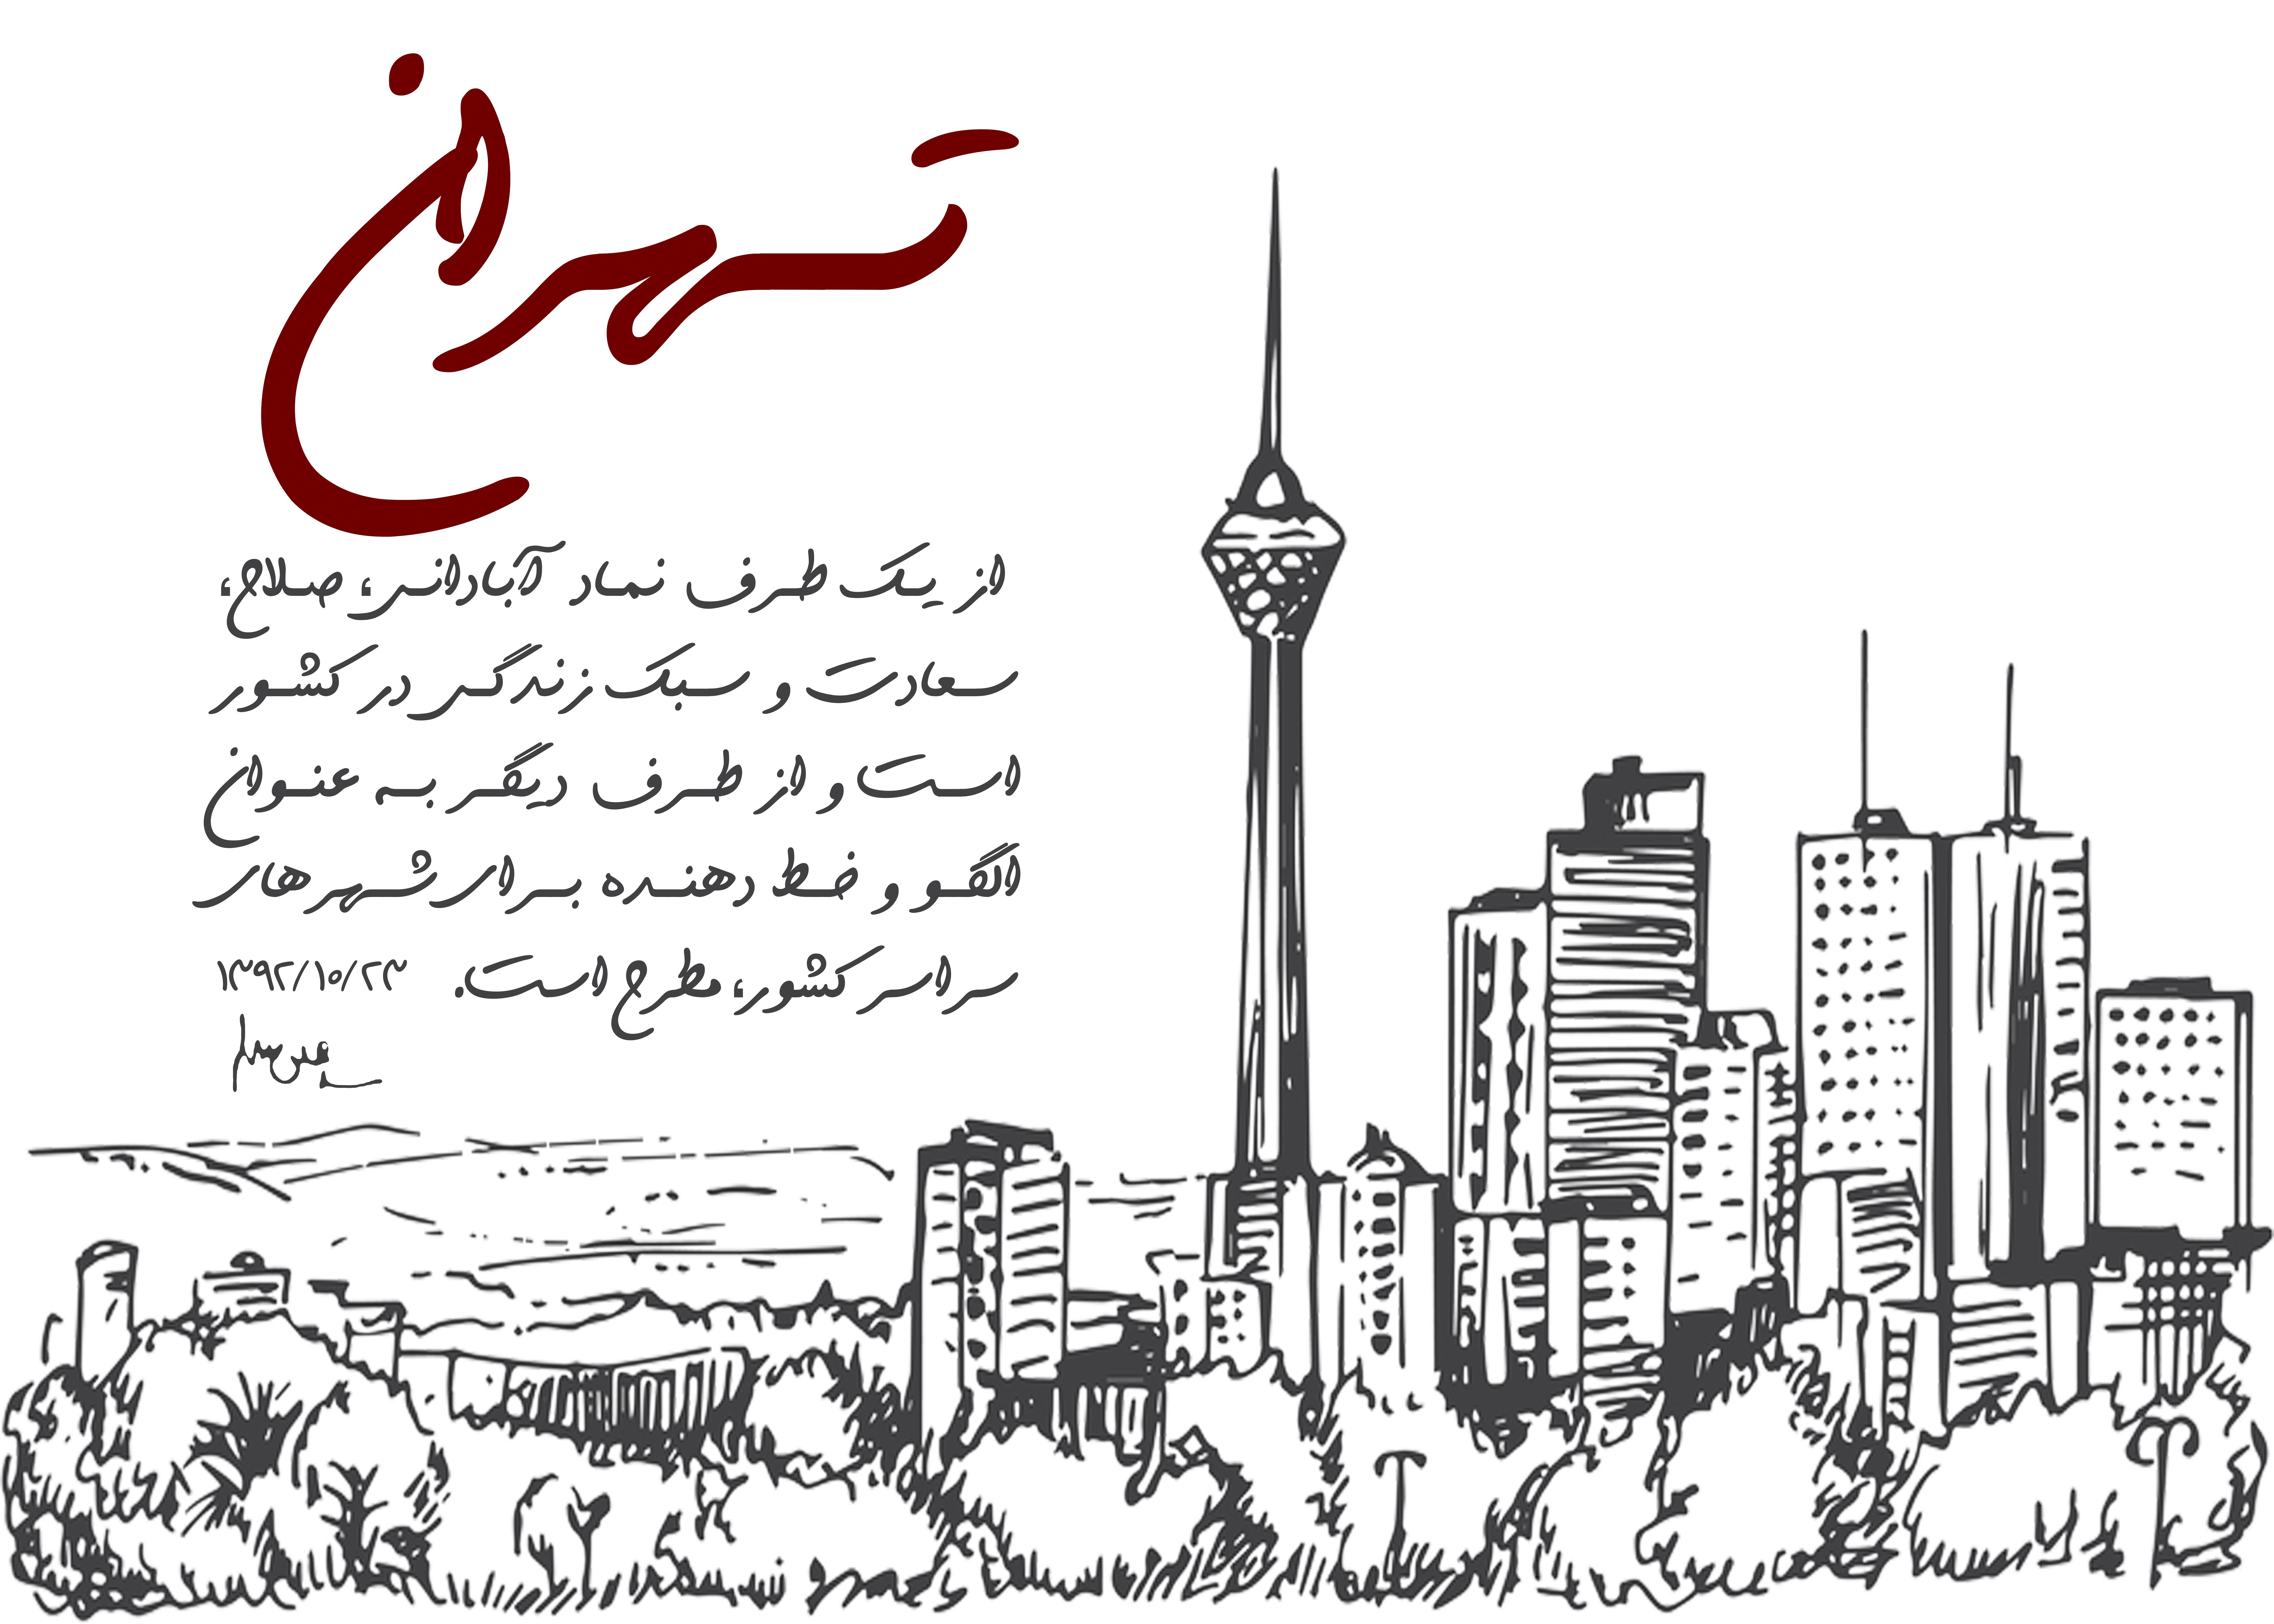 تهران خوب باشه بقیه خوبن